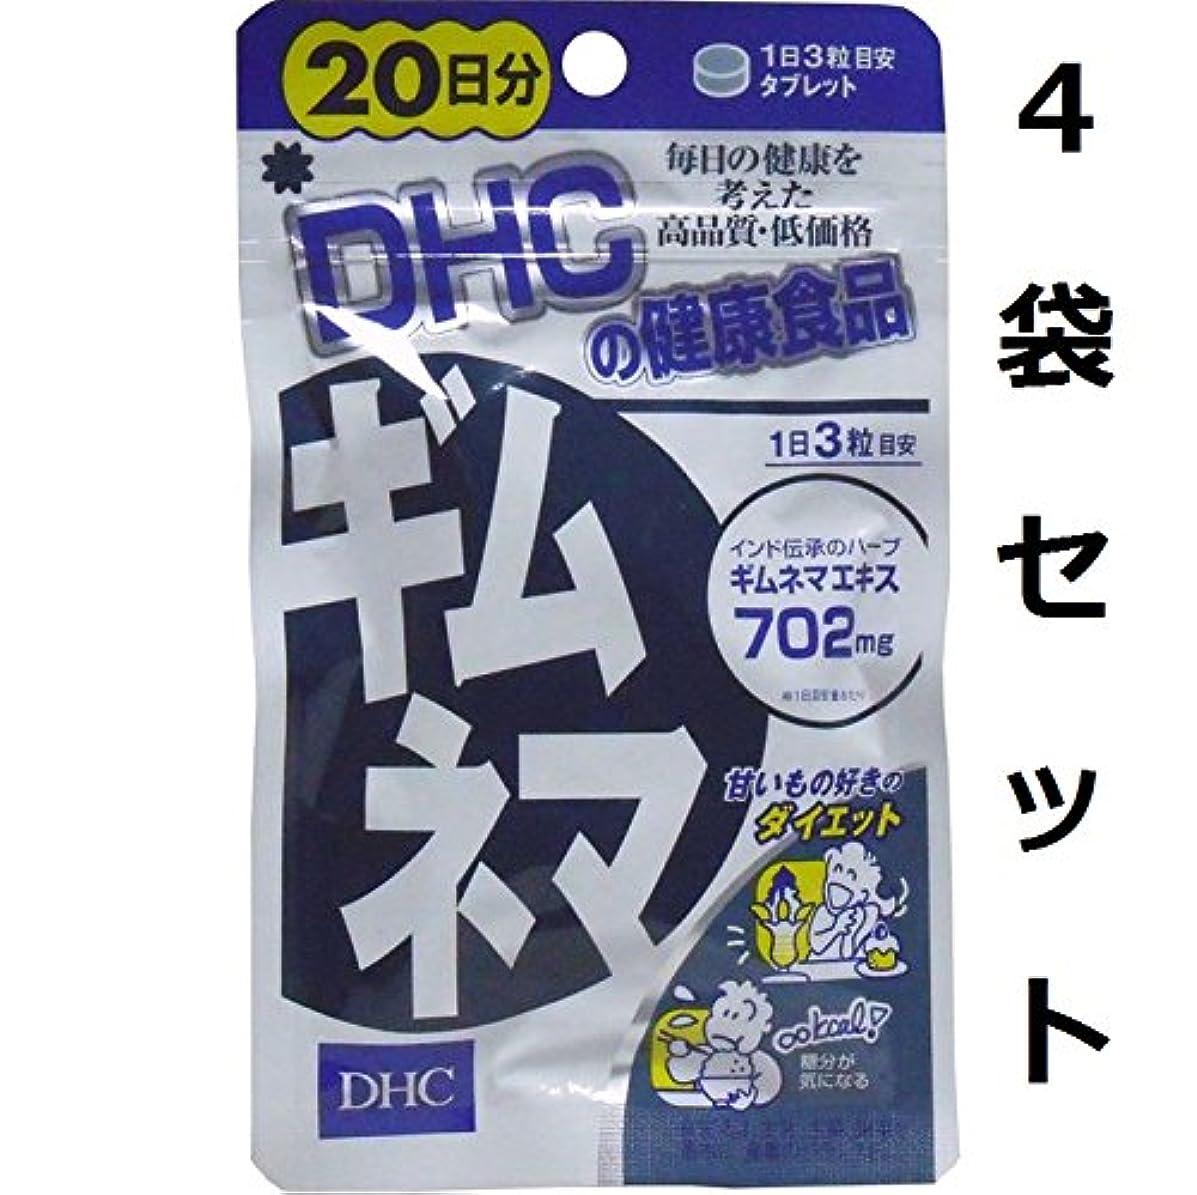 パイプライン製品ペレグリネーション我慢せずに余分な糖分をブロック DHC ギムネマ 20日分 60粒 4袋セット